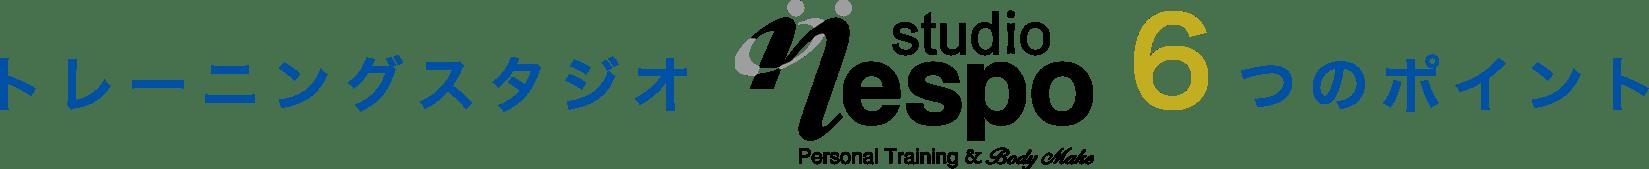 トレーニングスタジオ|studio nespo|6つのポイント